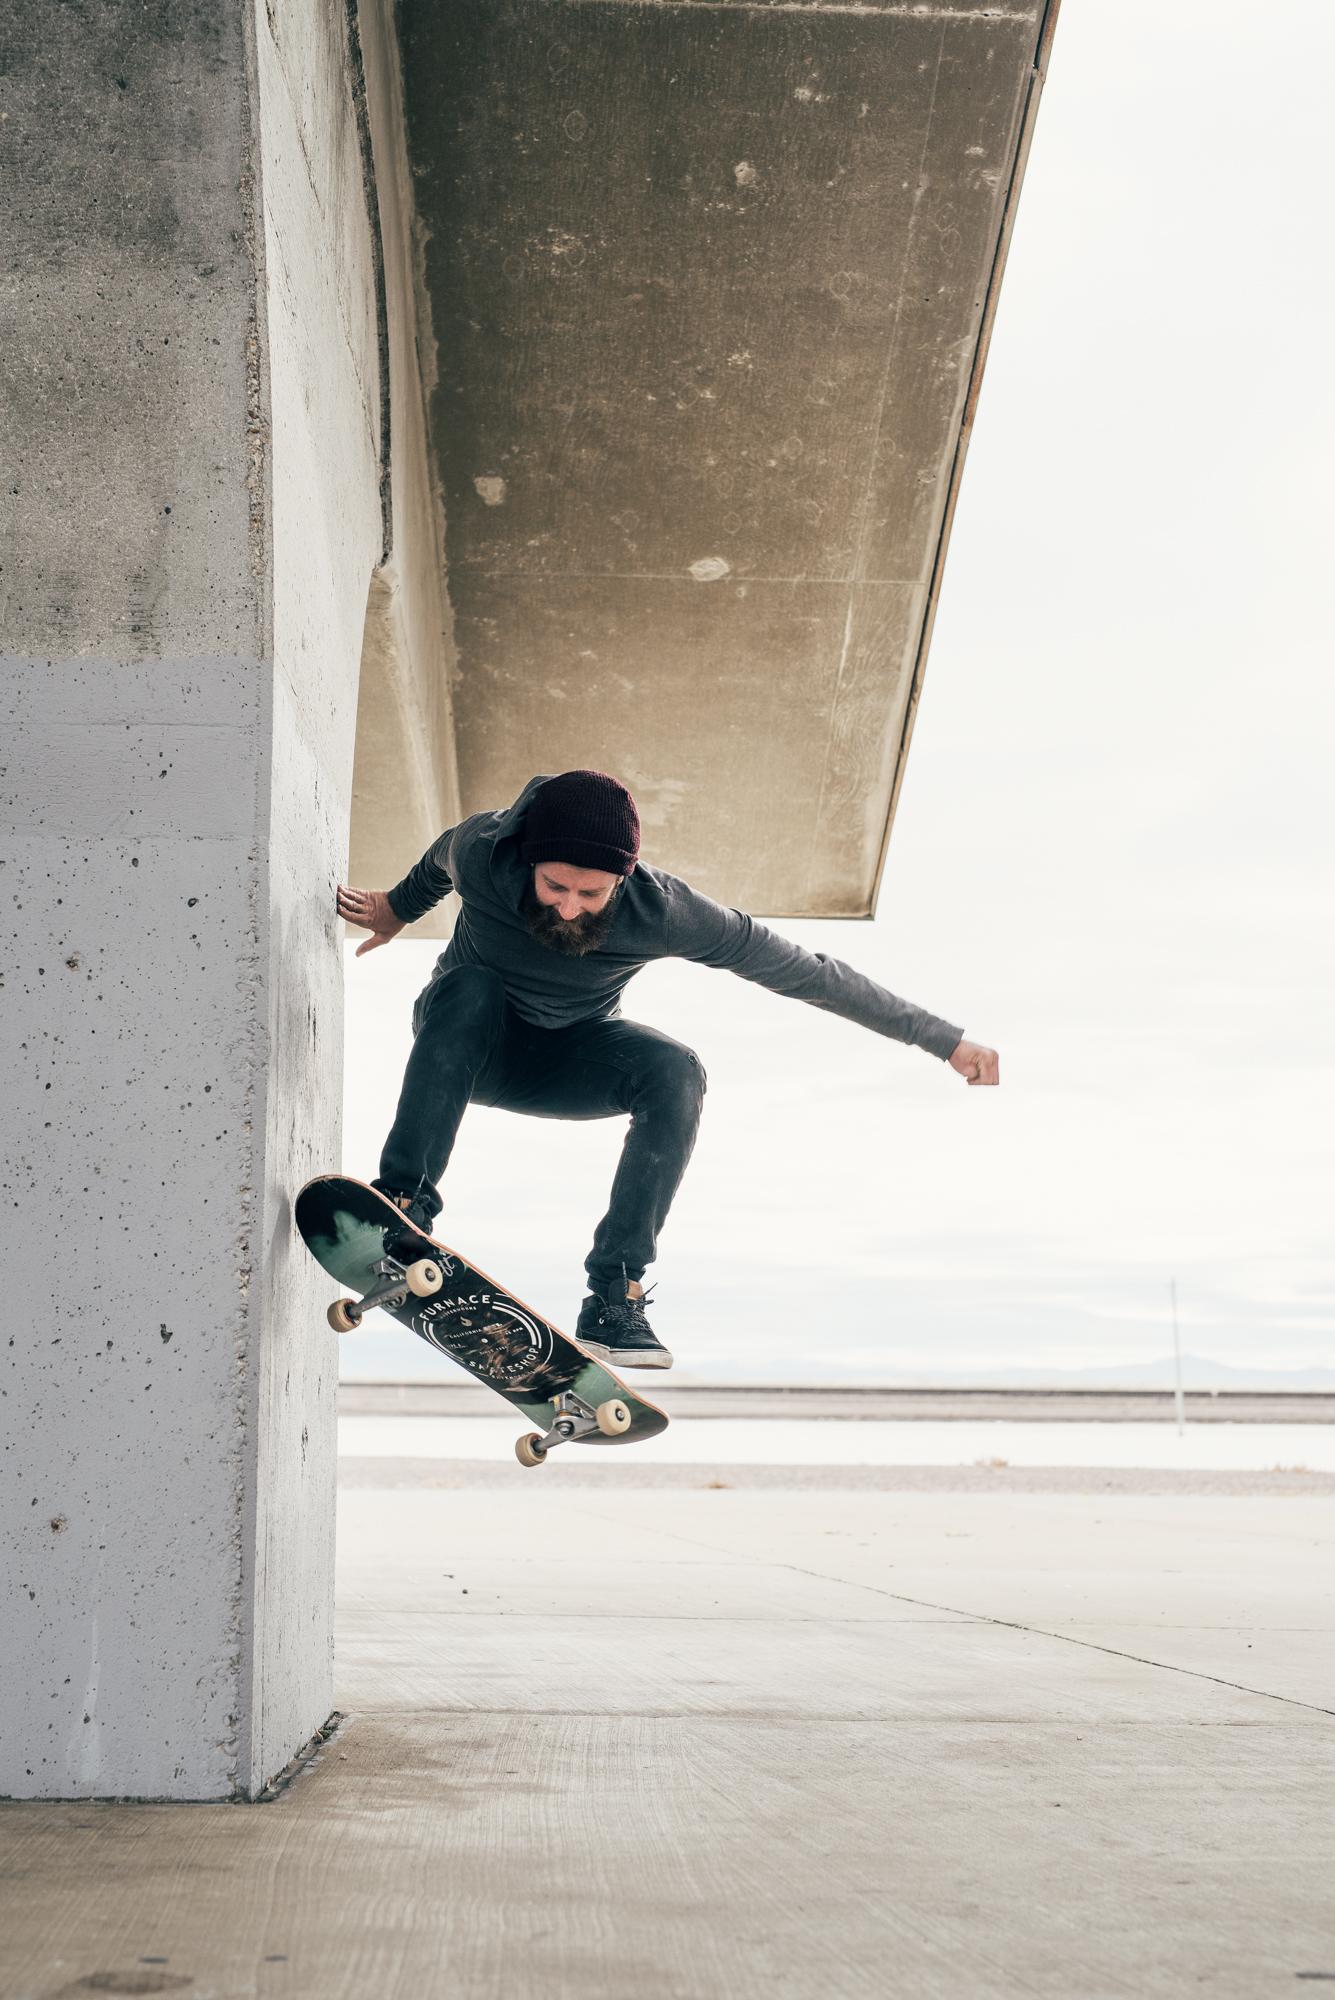 ©The Ryans Photography - Skate Break, Utah-007.jpg